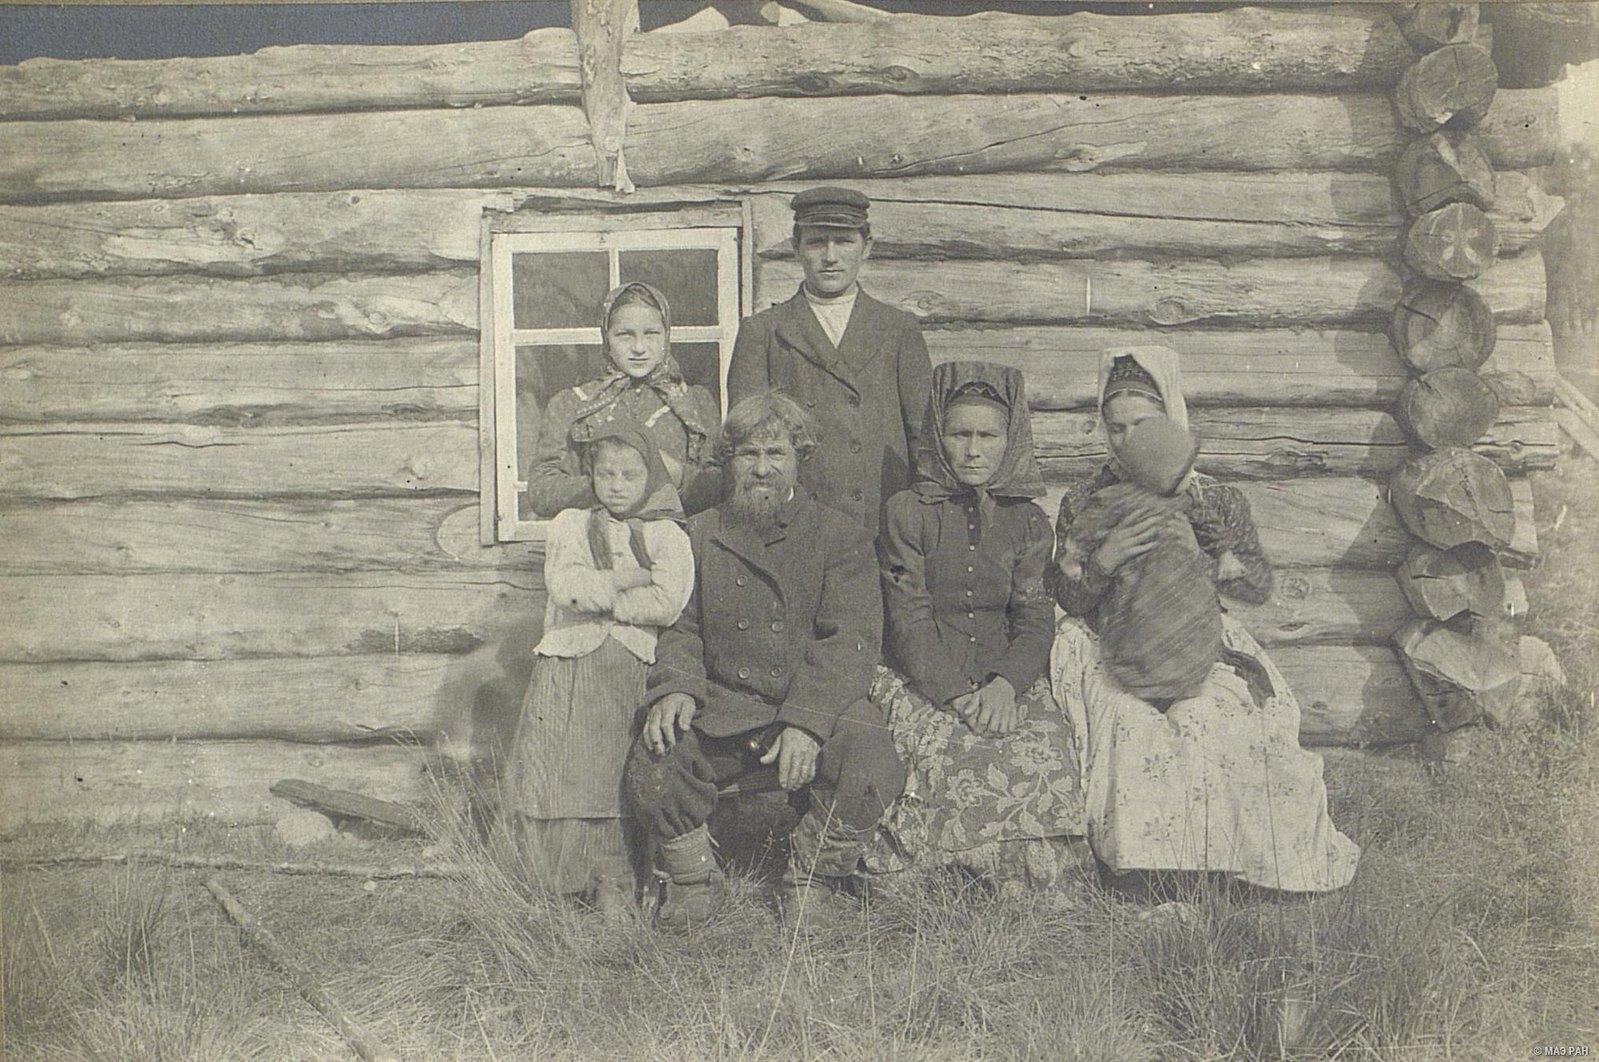 Групповой портрет мужчин, женщин и детей. Саамы кольские